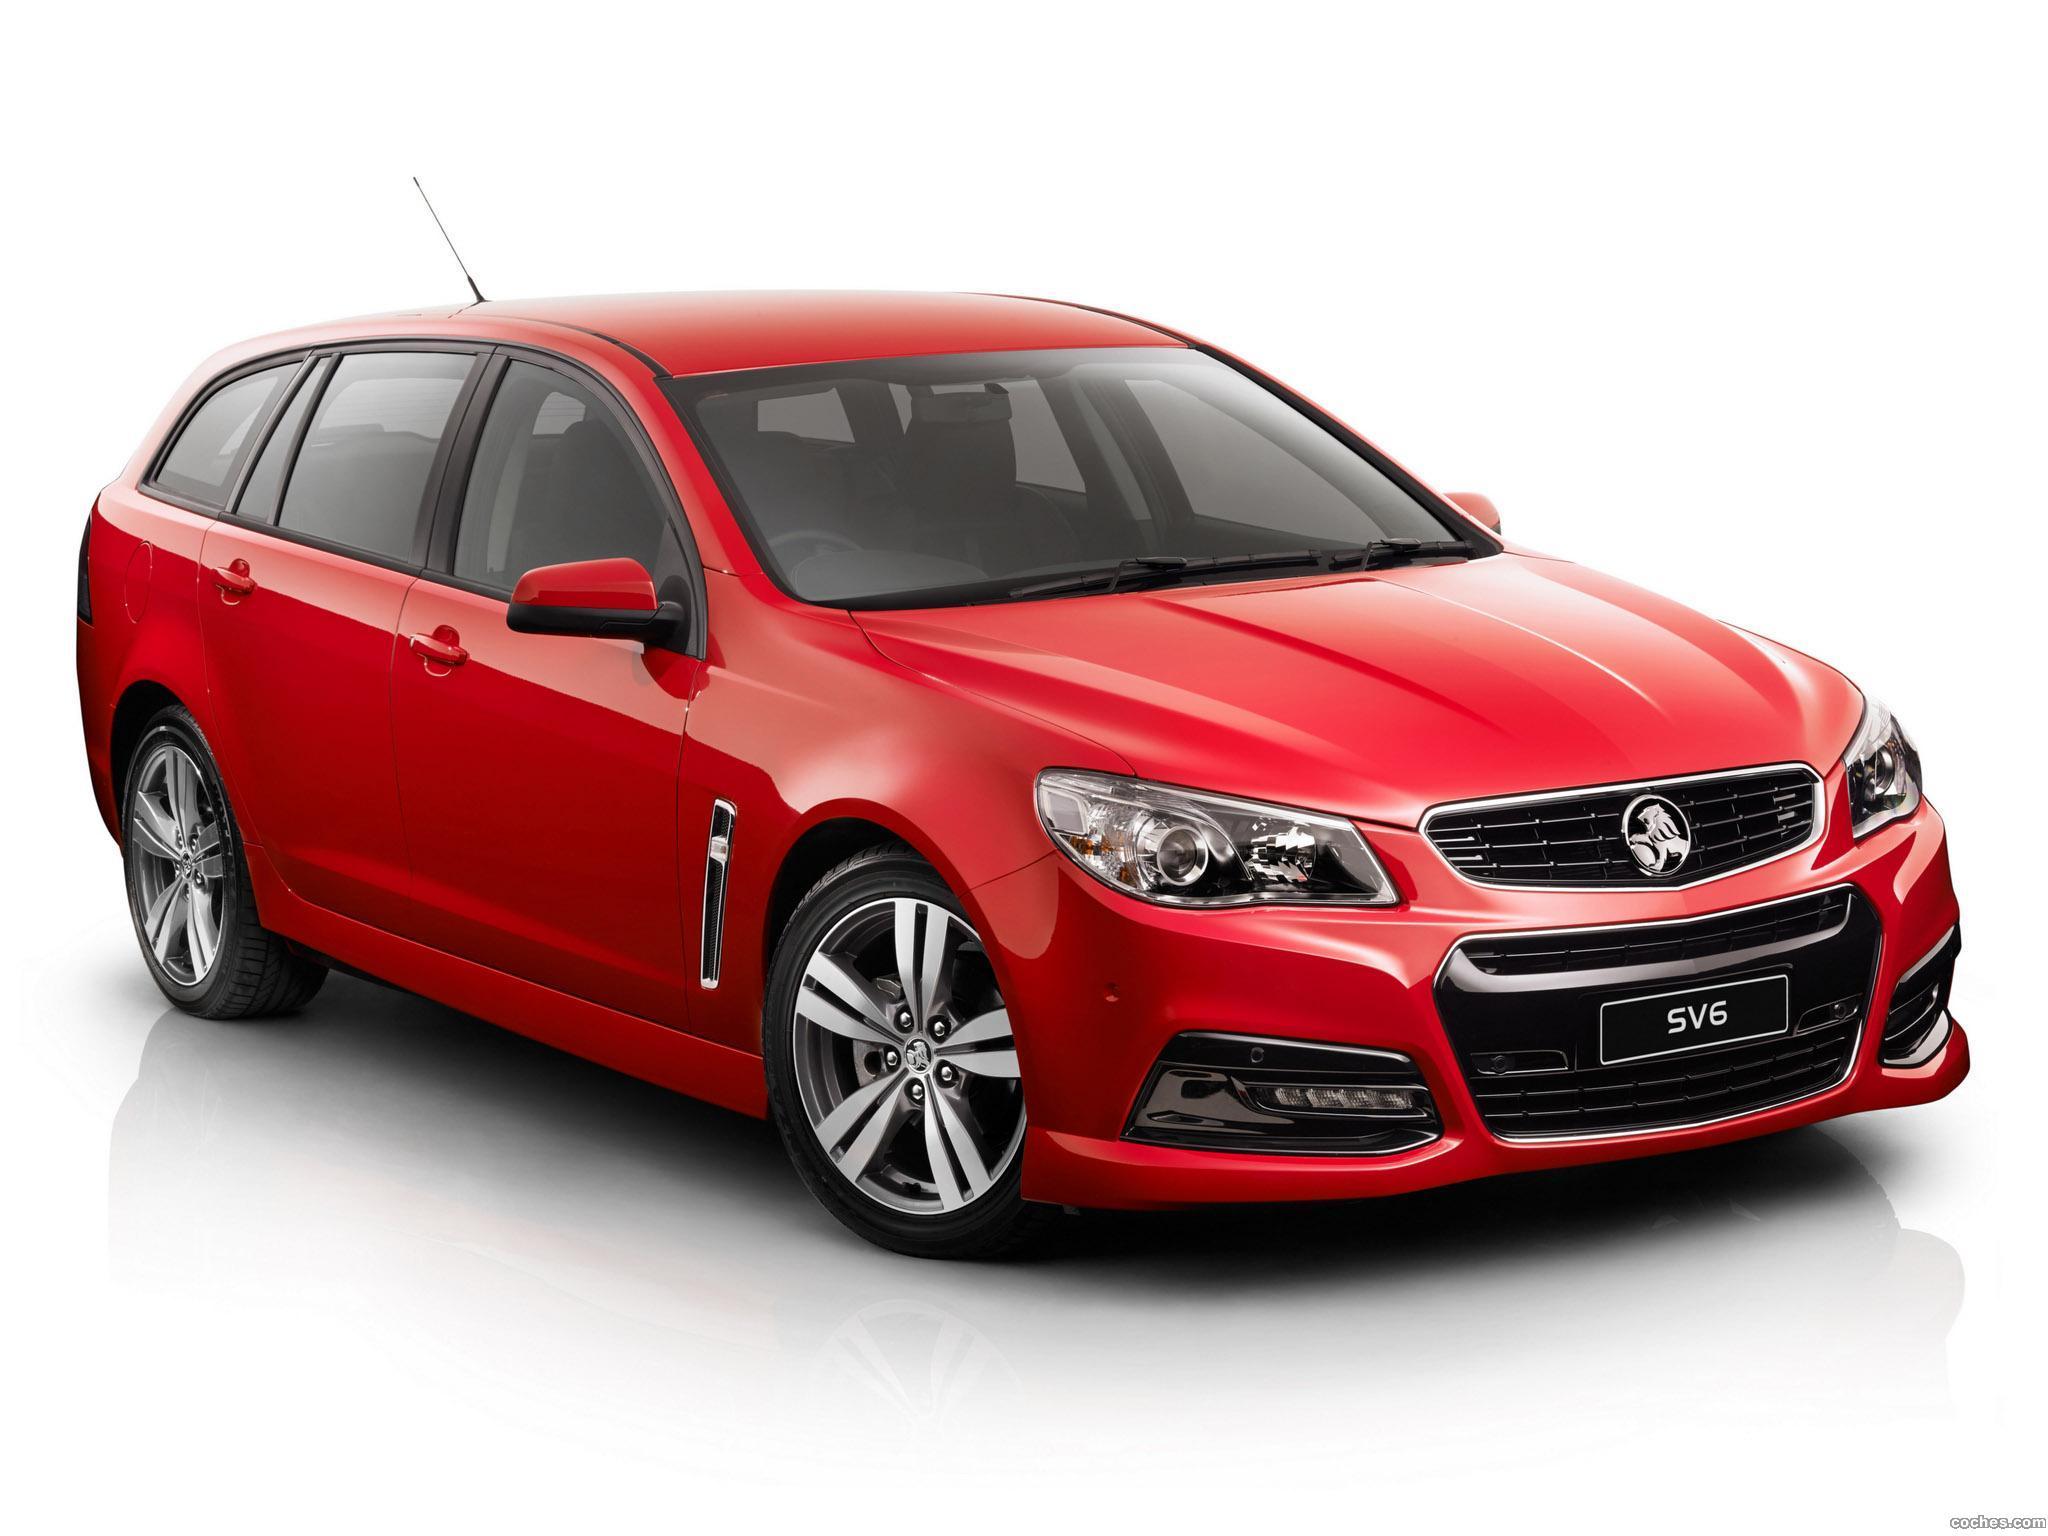 Foto 0 de Holden Commodore SV6 Sportwagon 2013